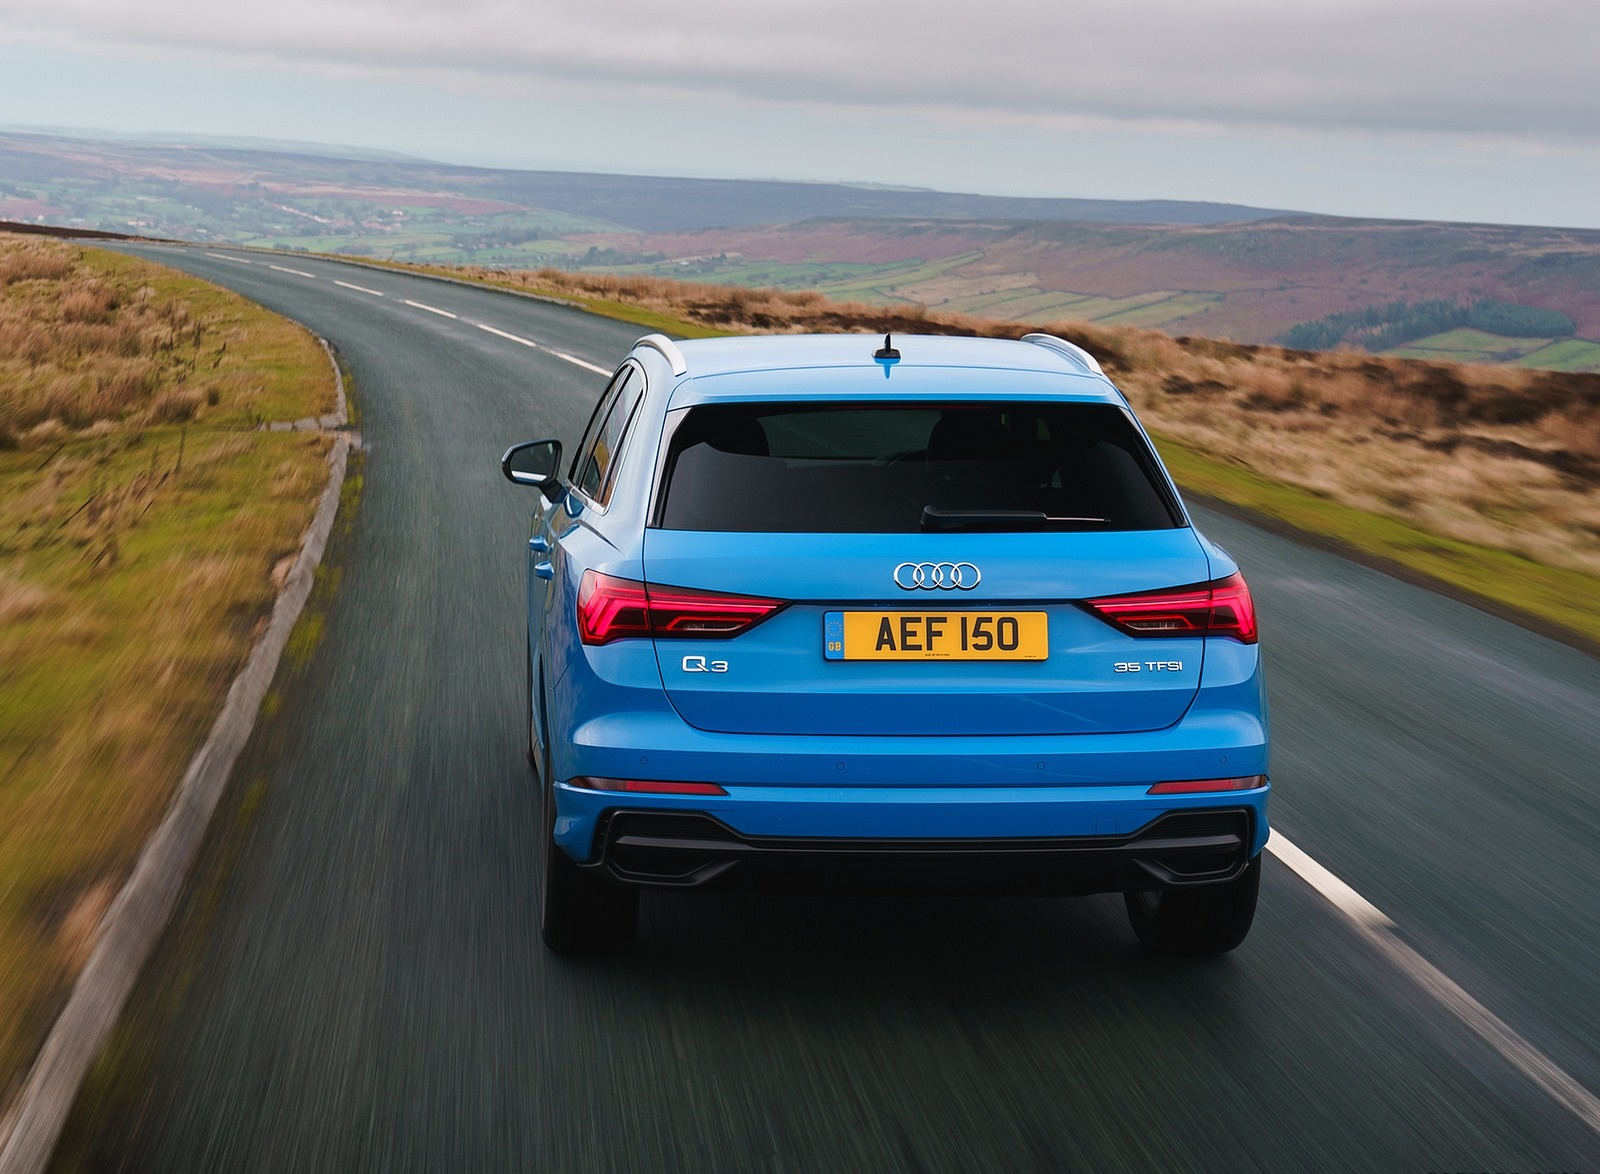 2019 Audi Q3 35 TFSI (UK-Spec) Rear Wallpaper (8)